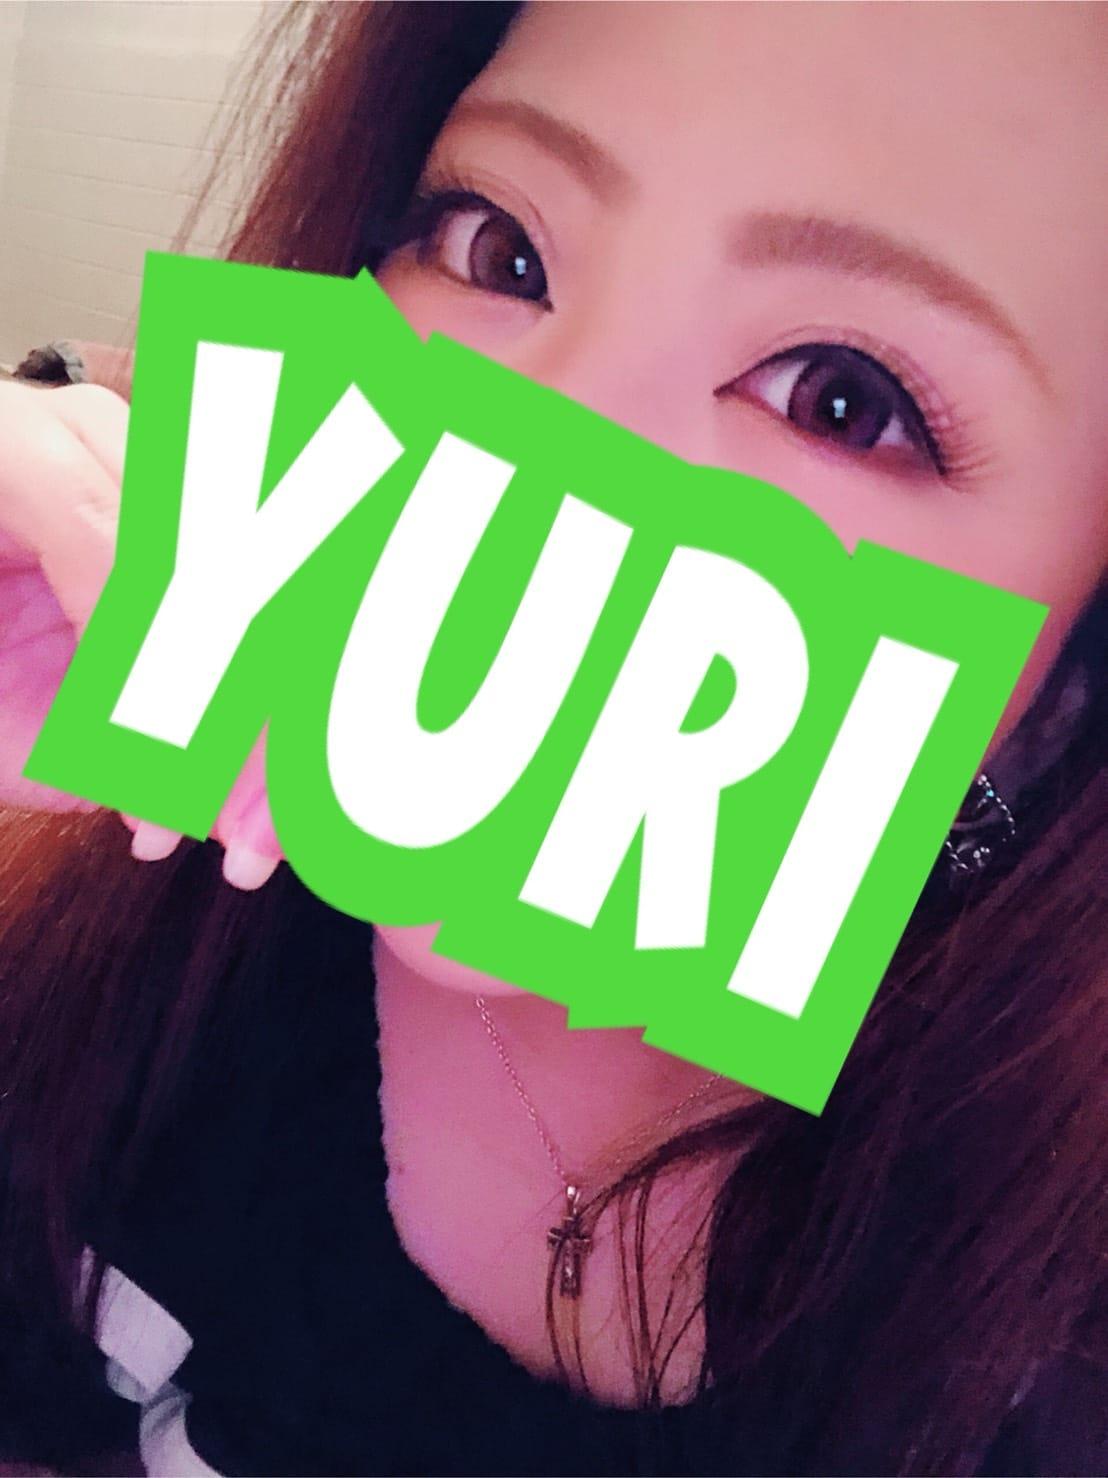 「ゆりです~」08/18(土) 14:23 | ゆりの写メ・風俗動画